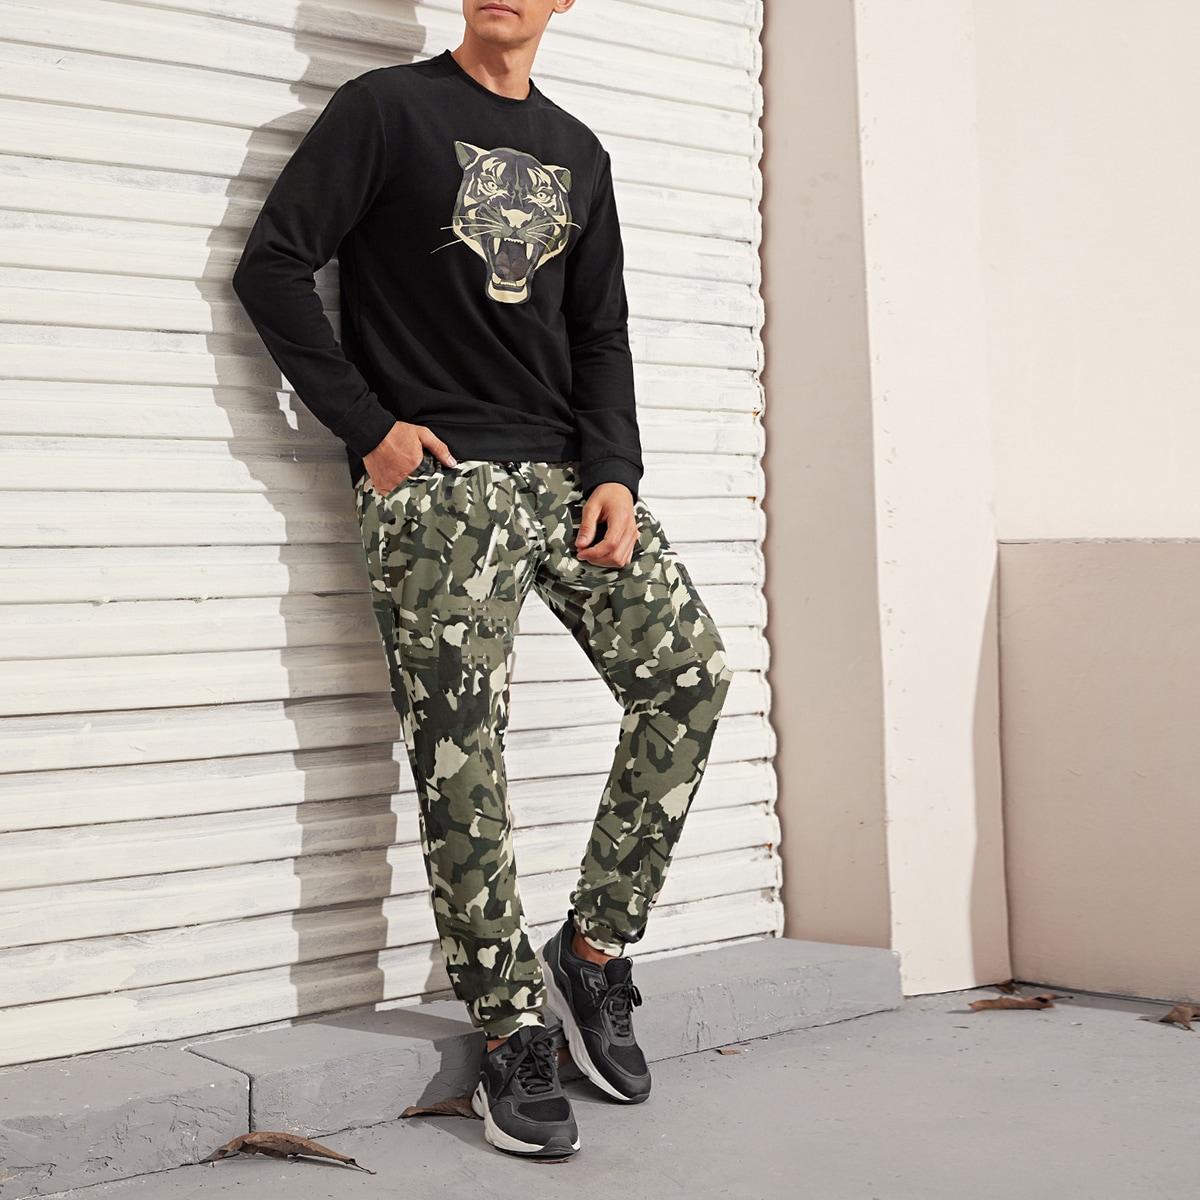 Мужской пуловер с принтом тигры и брюки с камуфляжным принтом